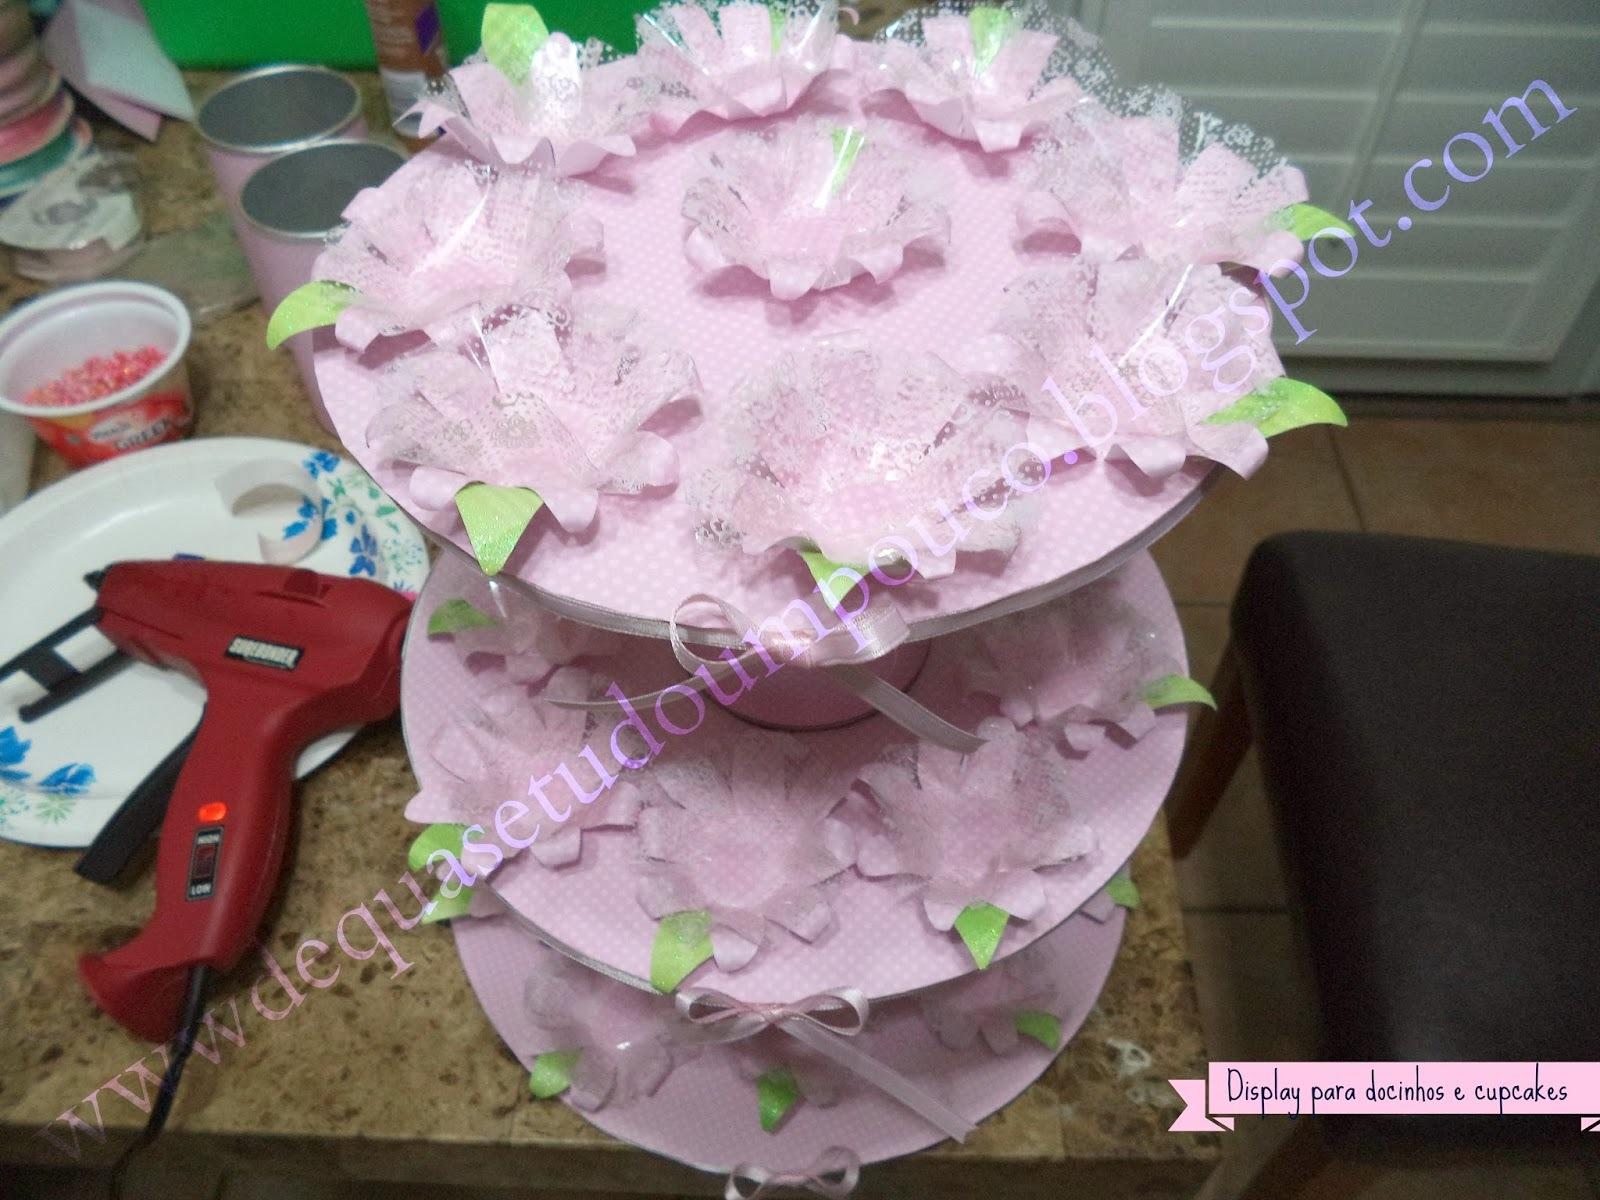 Como fazer um display para docinhos e cupcakes